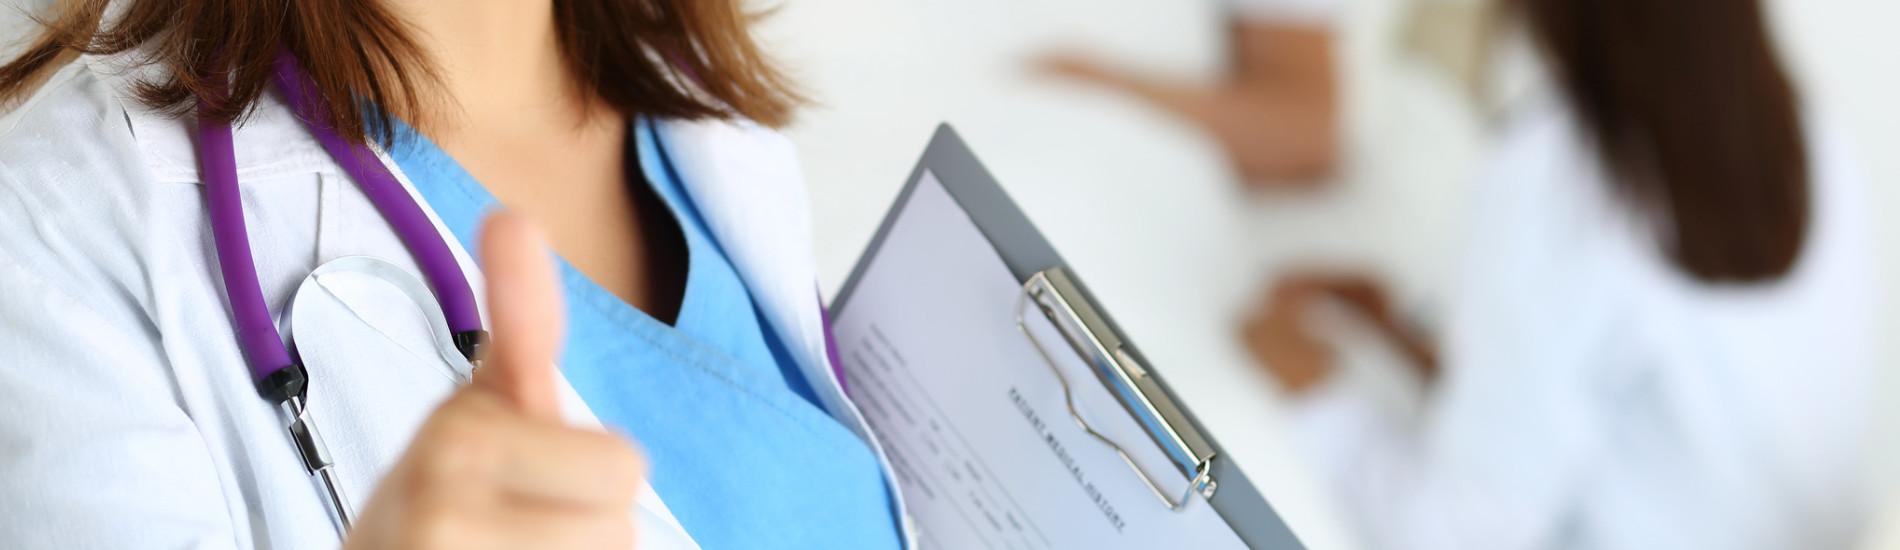 Czy pacjent ma prawo odmówić obecności studentów przy badaniu?